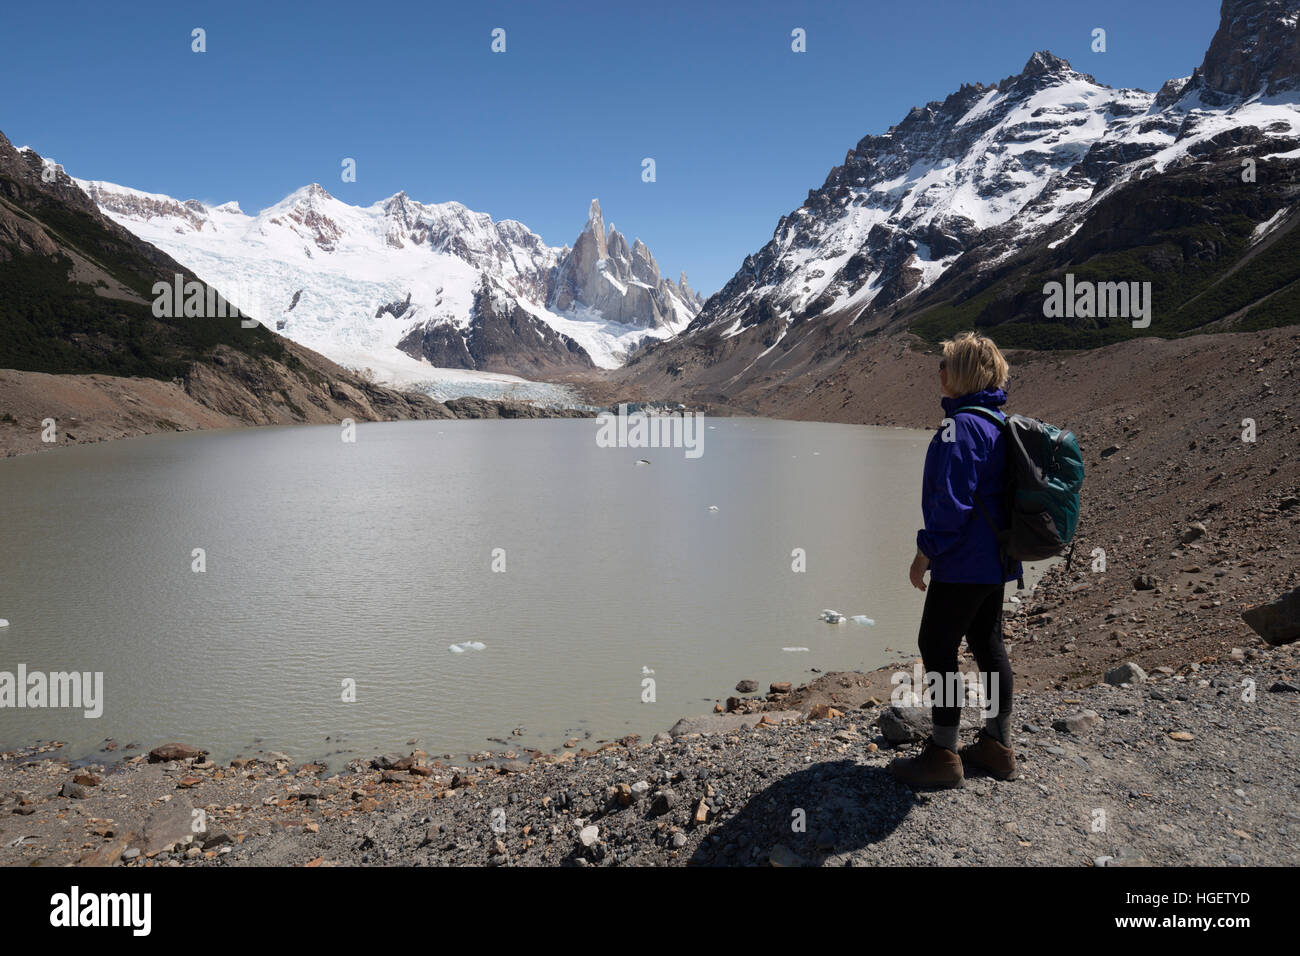 La Laguna Torre con vistas del Cerro Torre, El Chalten, Patagonia Argentina, Sudamérica Foto de stock